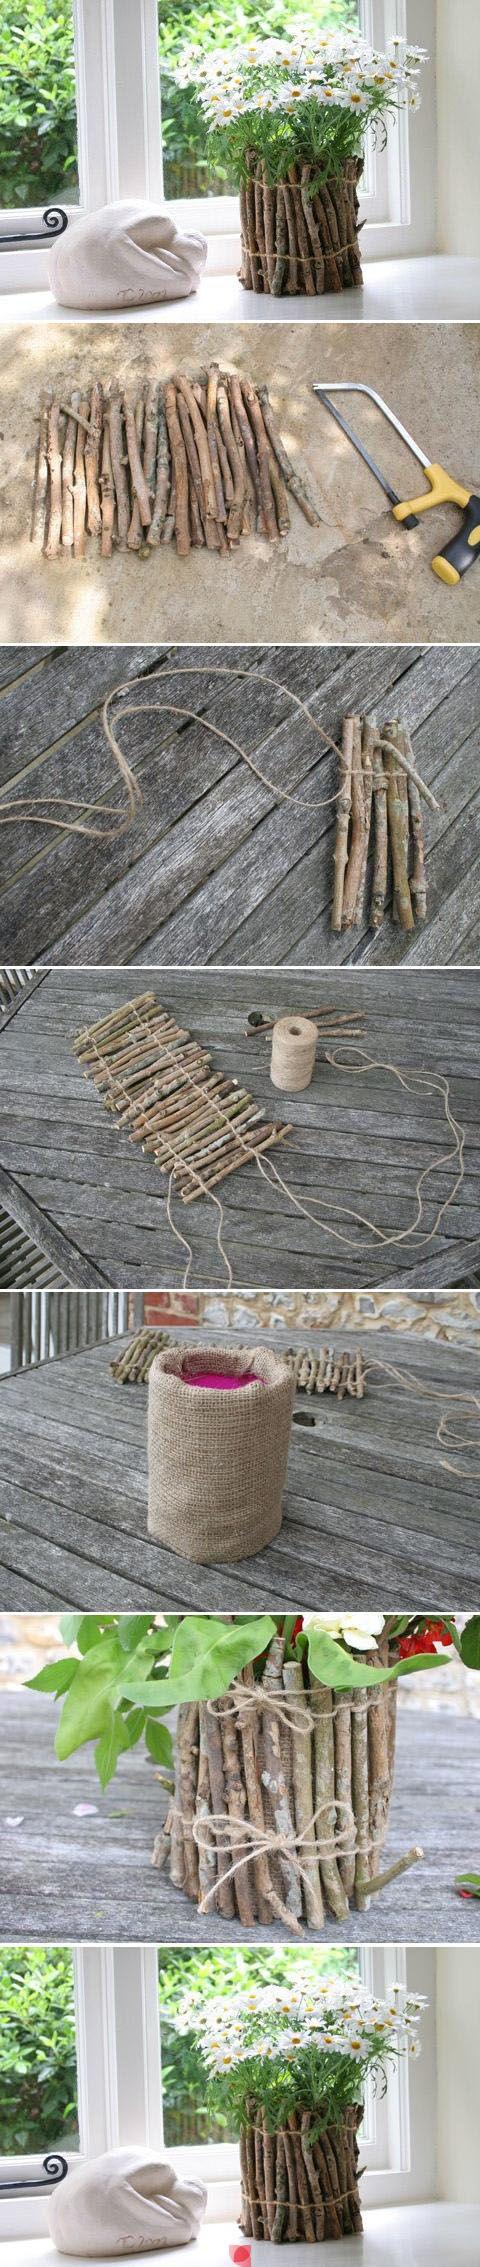 Twig Furniture & Woodland Decor